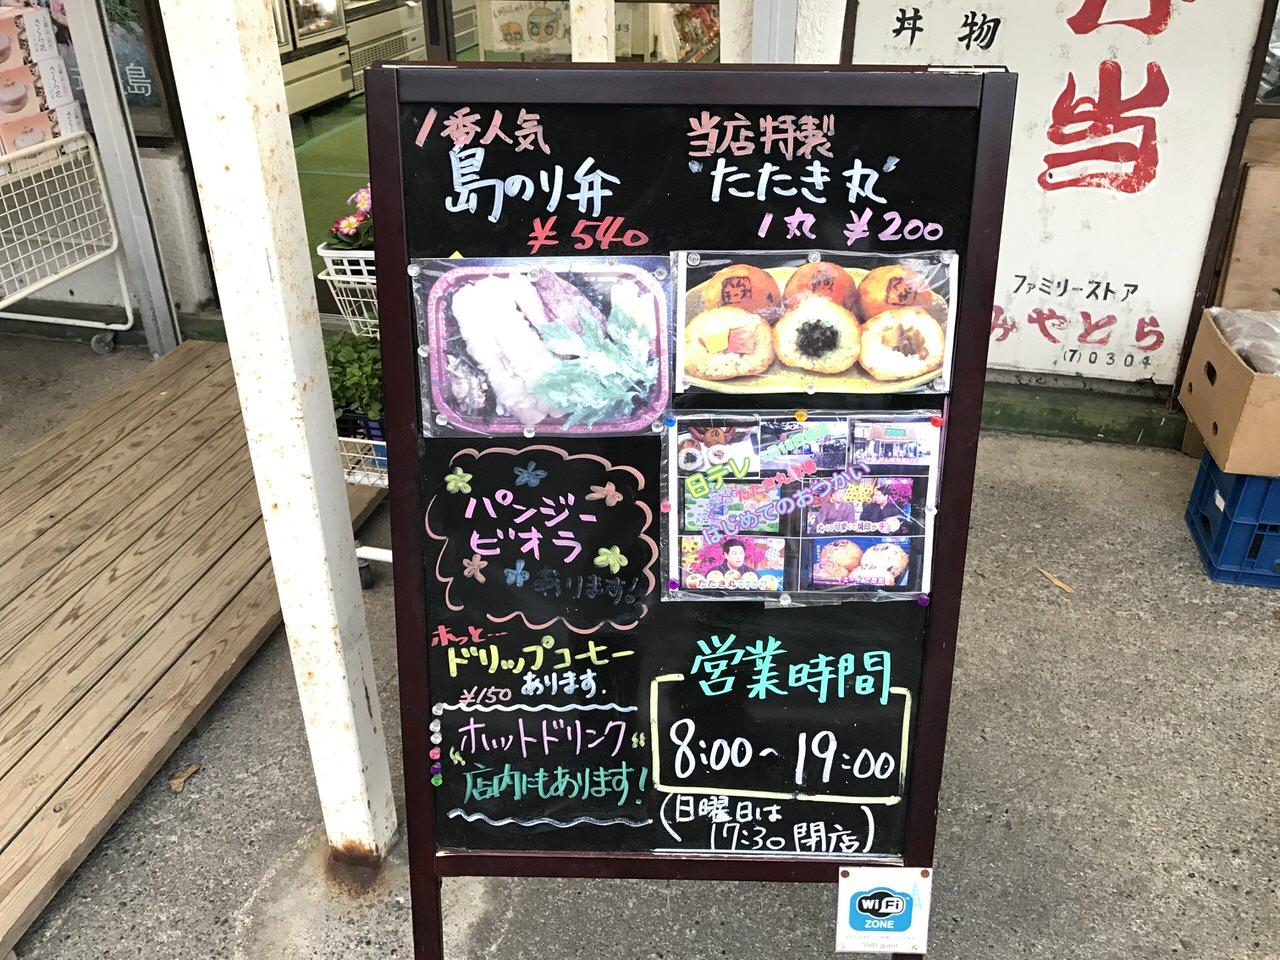 Niijima travel 2597